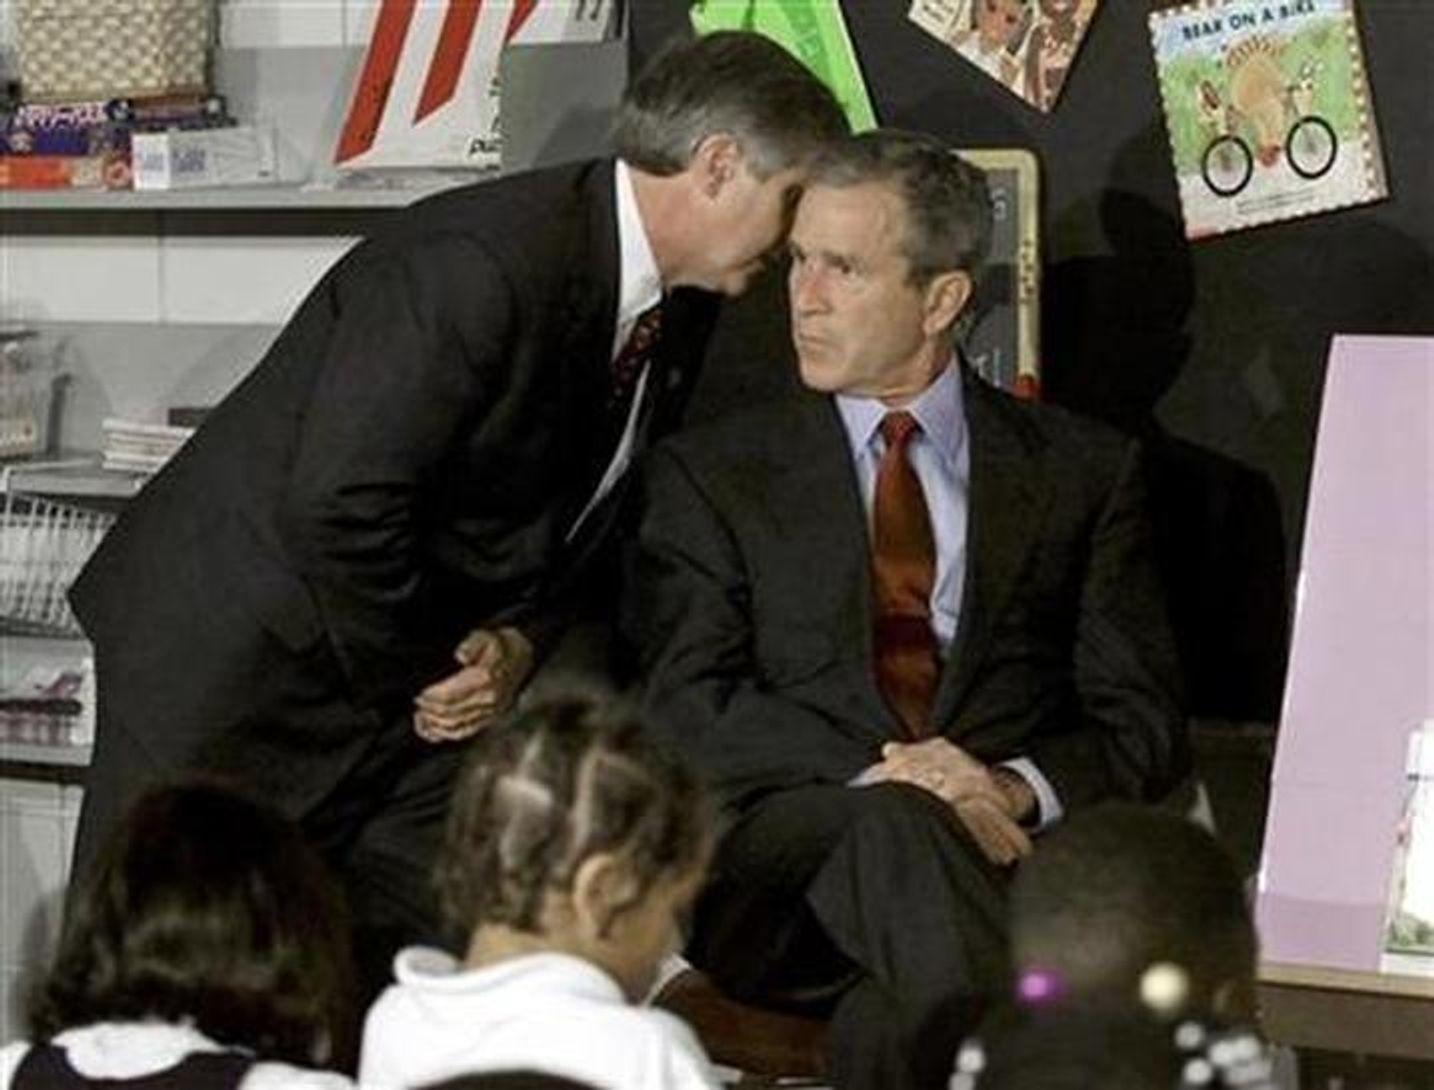 Начальная школа в Сарасоте, Флорида. Во время встречи со школьниками президенту Бушу сообщают о том, что второй самолет врезался во Всемирный торговый центр